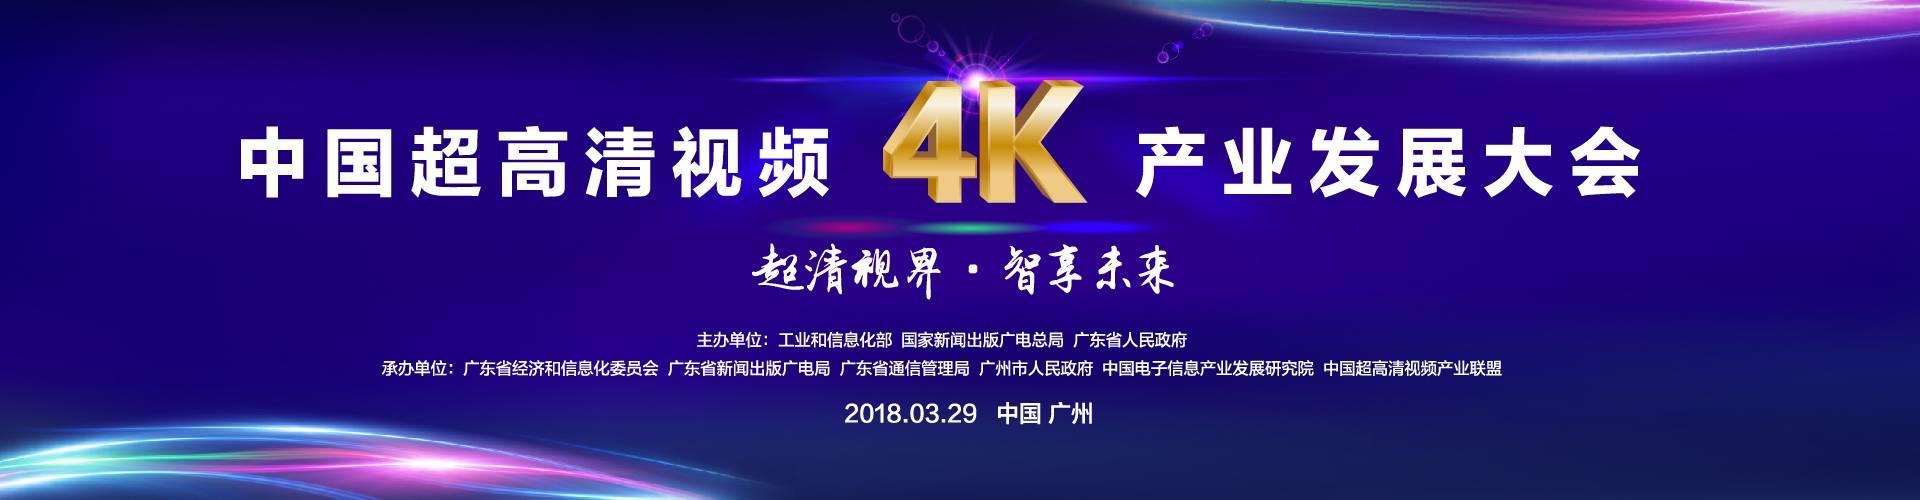 中国超高清视频(4K)产业发展大会